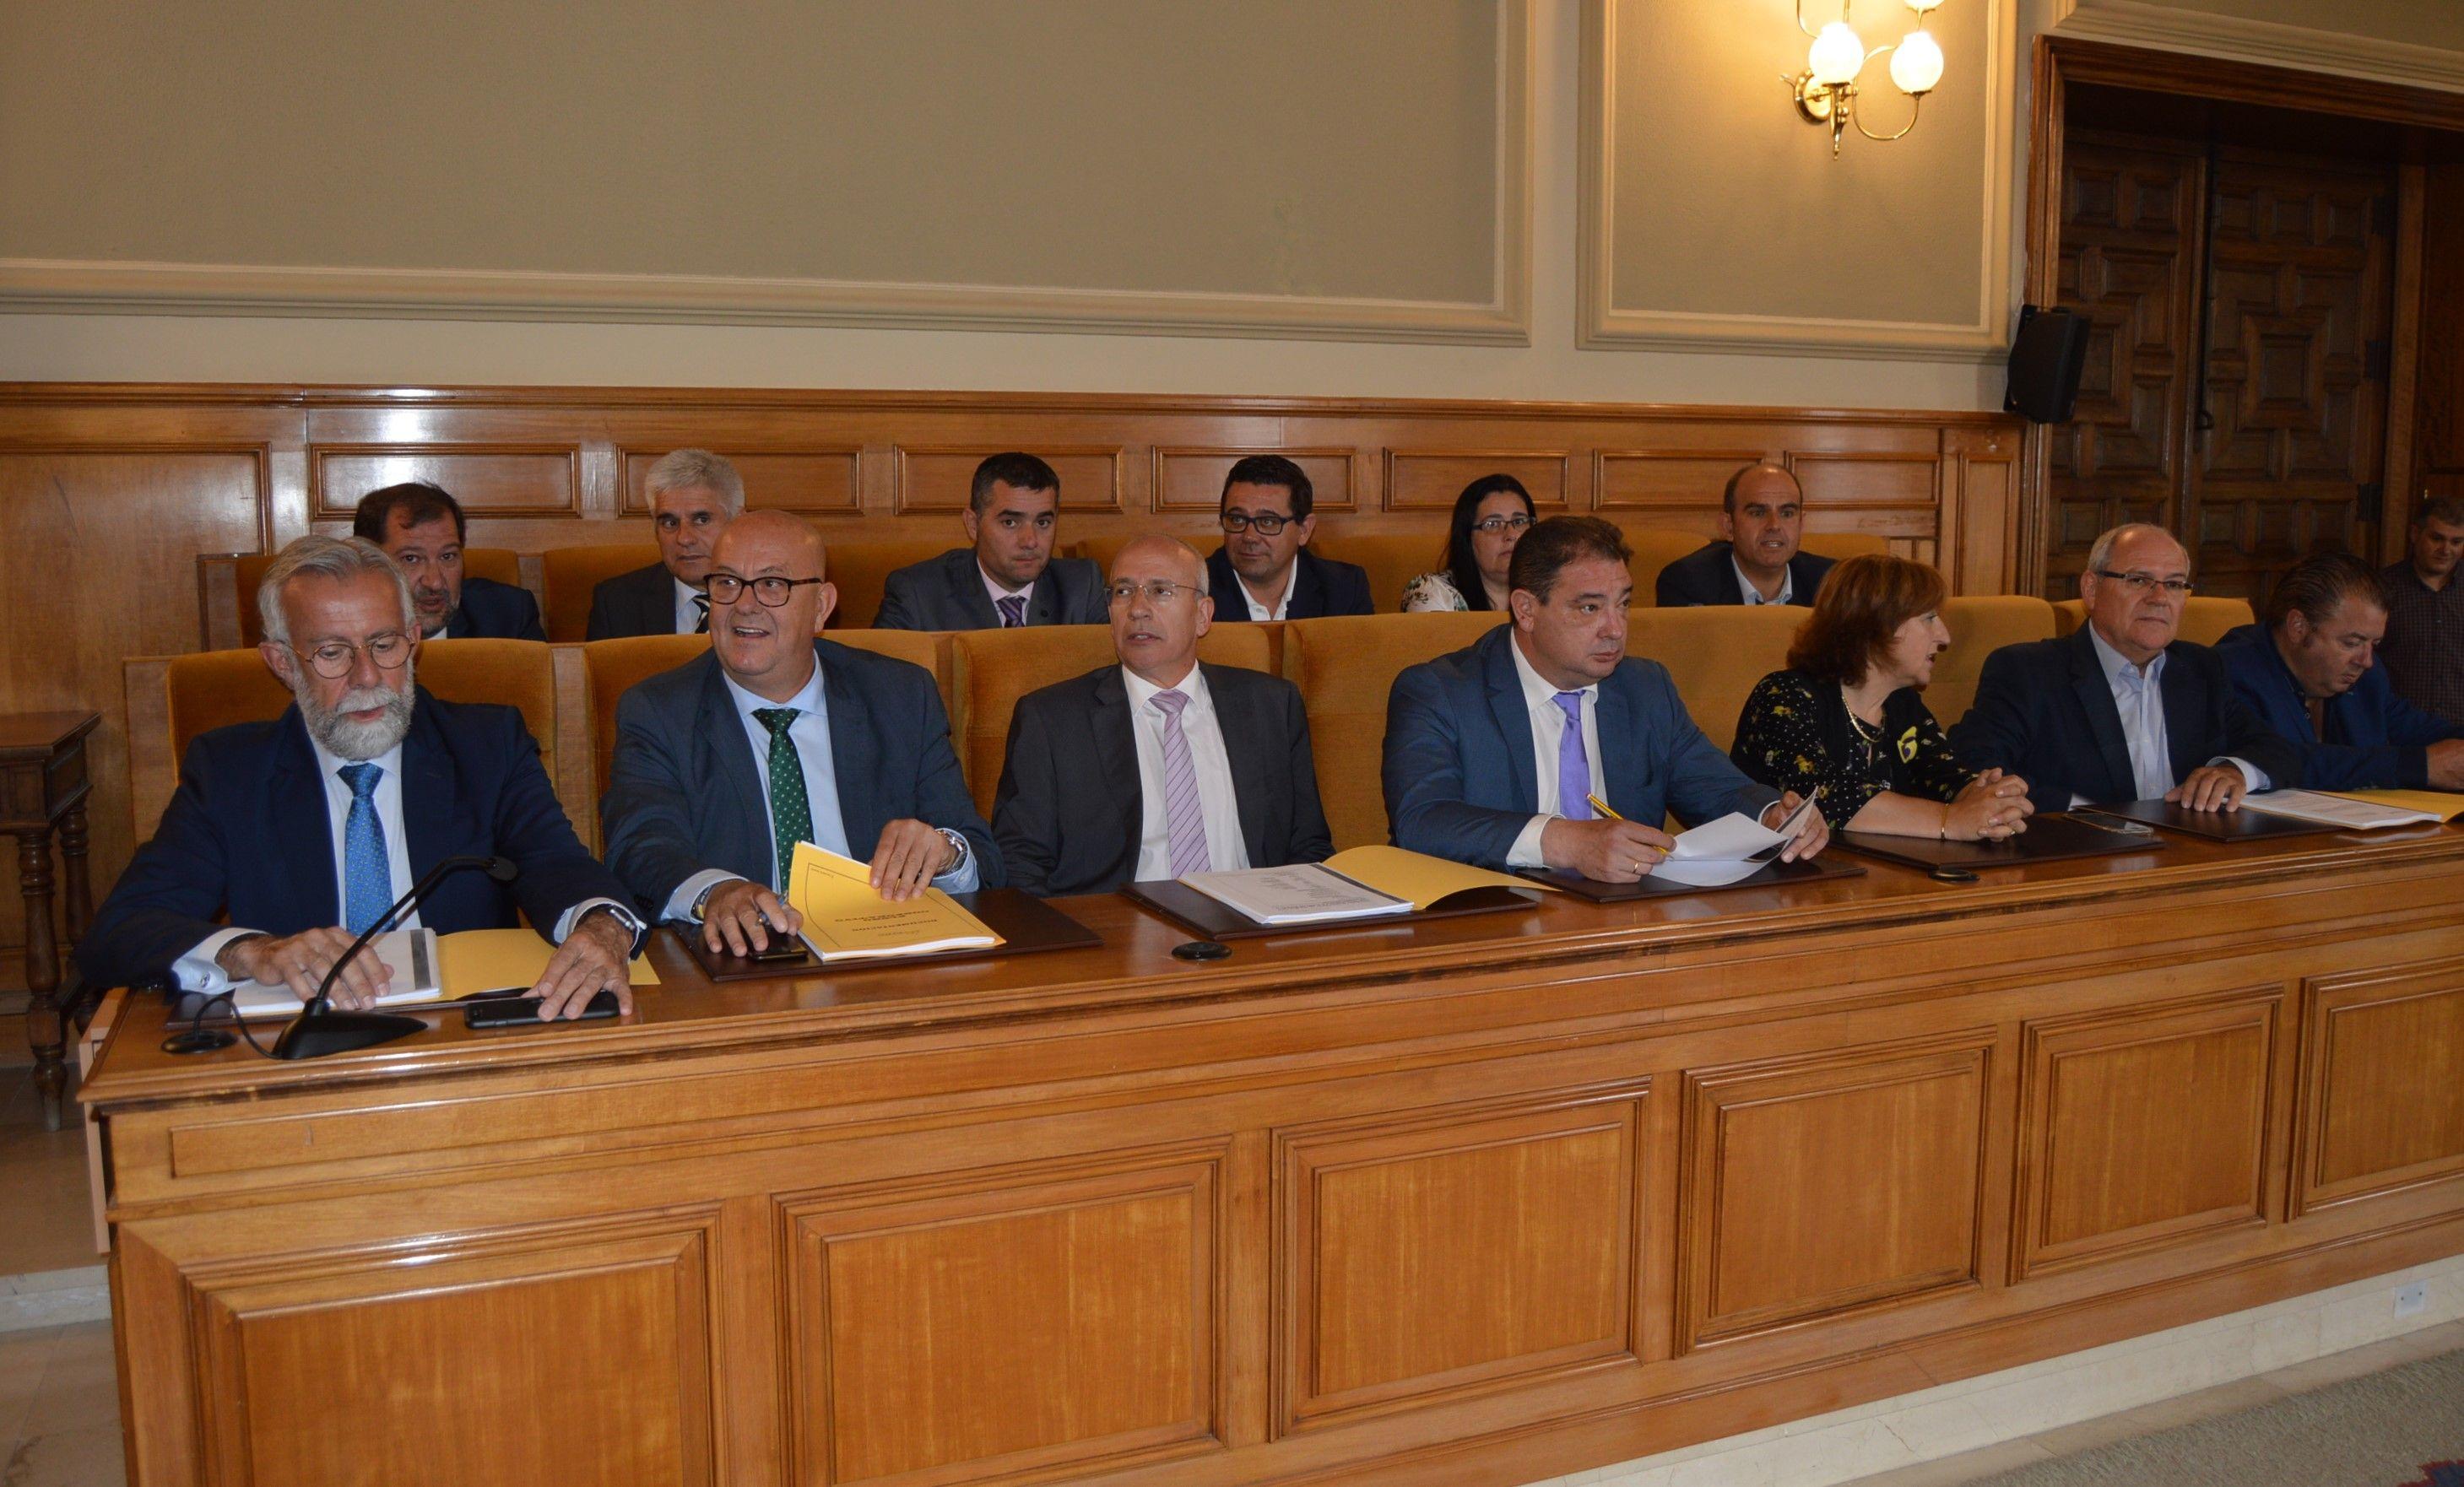 Ramos lamenta que después de cuatro años de legislatura la Diputación de Toledo no puede vender ni un solo proyecto